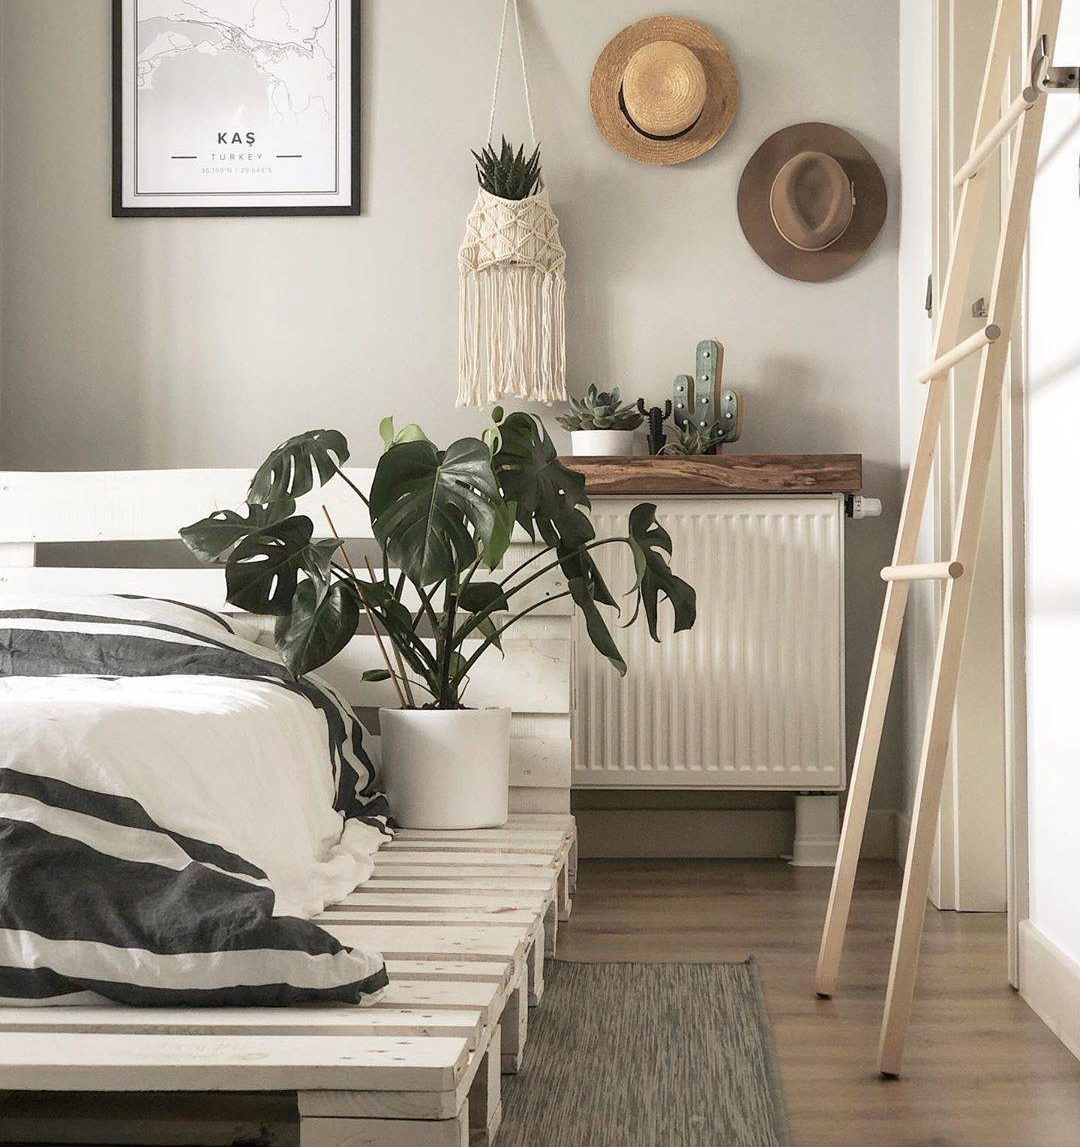 Khung giường bằng ván pallet quét vôi trắng là bệ đỡ cho nệm và cây trồng